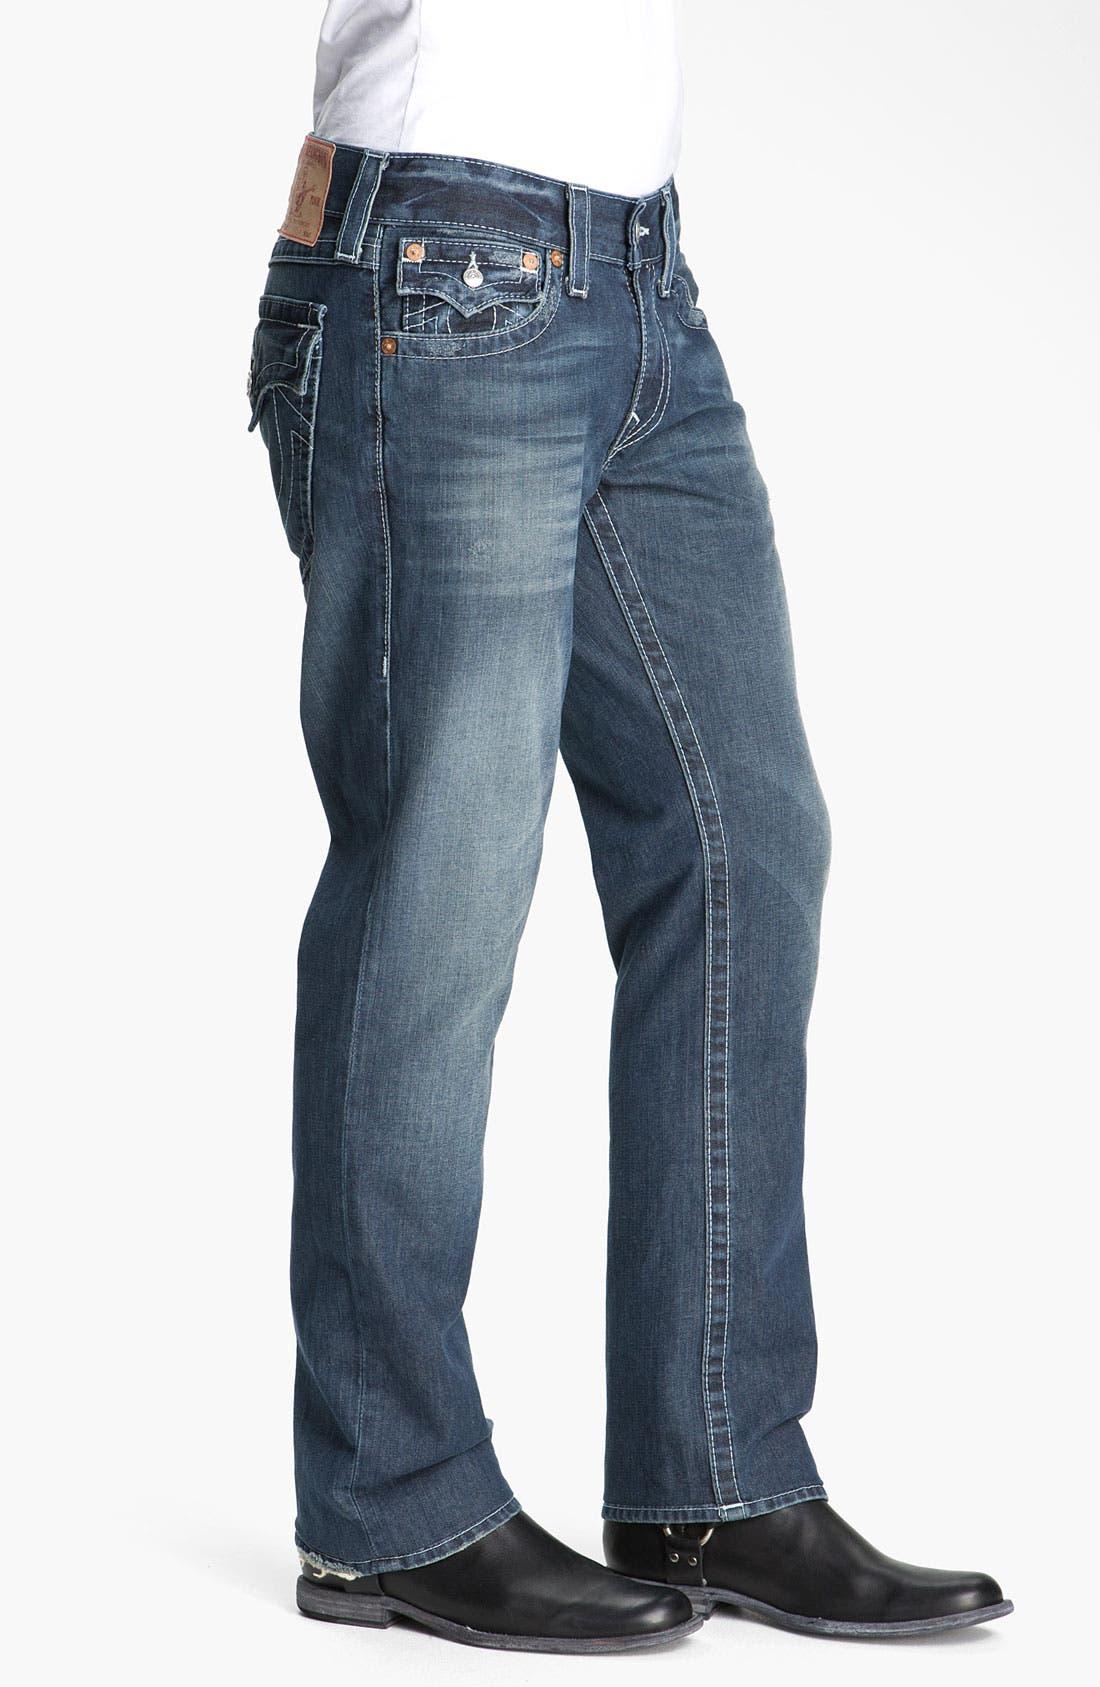 Alternate Image 3  - True Religion Brand Jeans 'Ricky - Natural' Straight Leg Jeans (Surfer Dark)